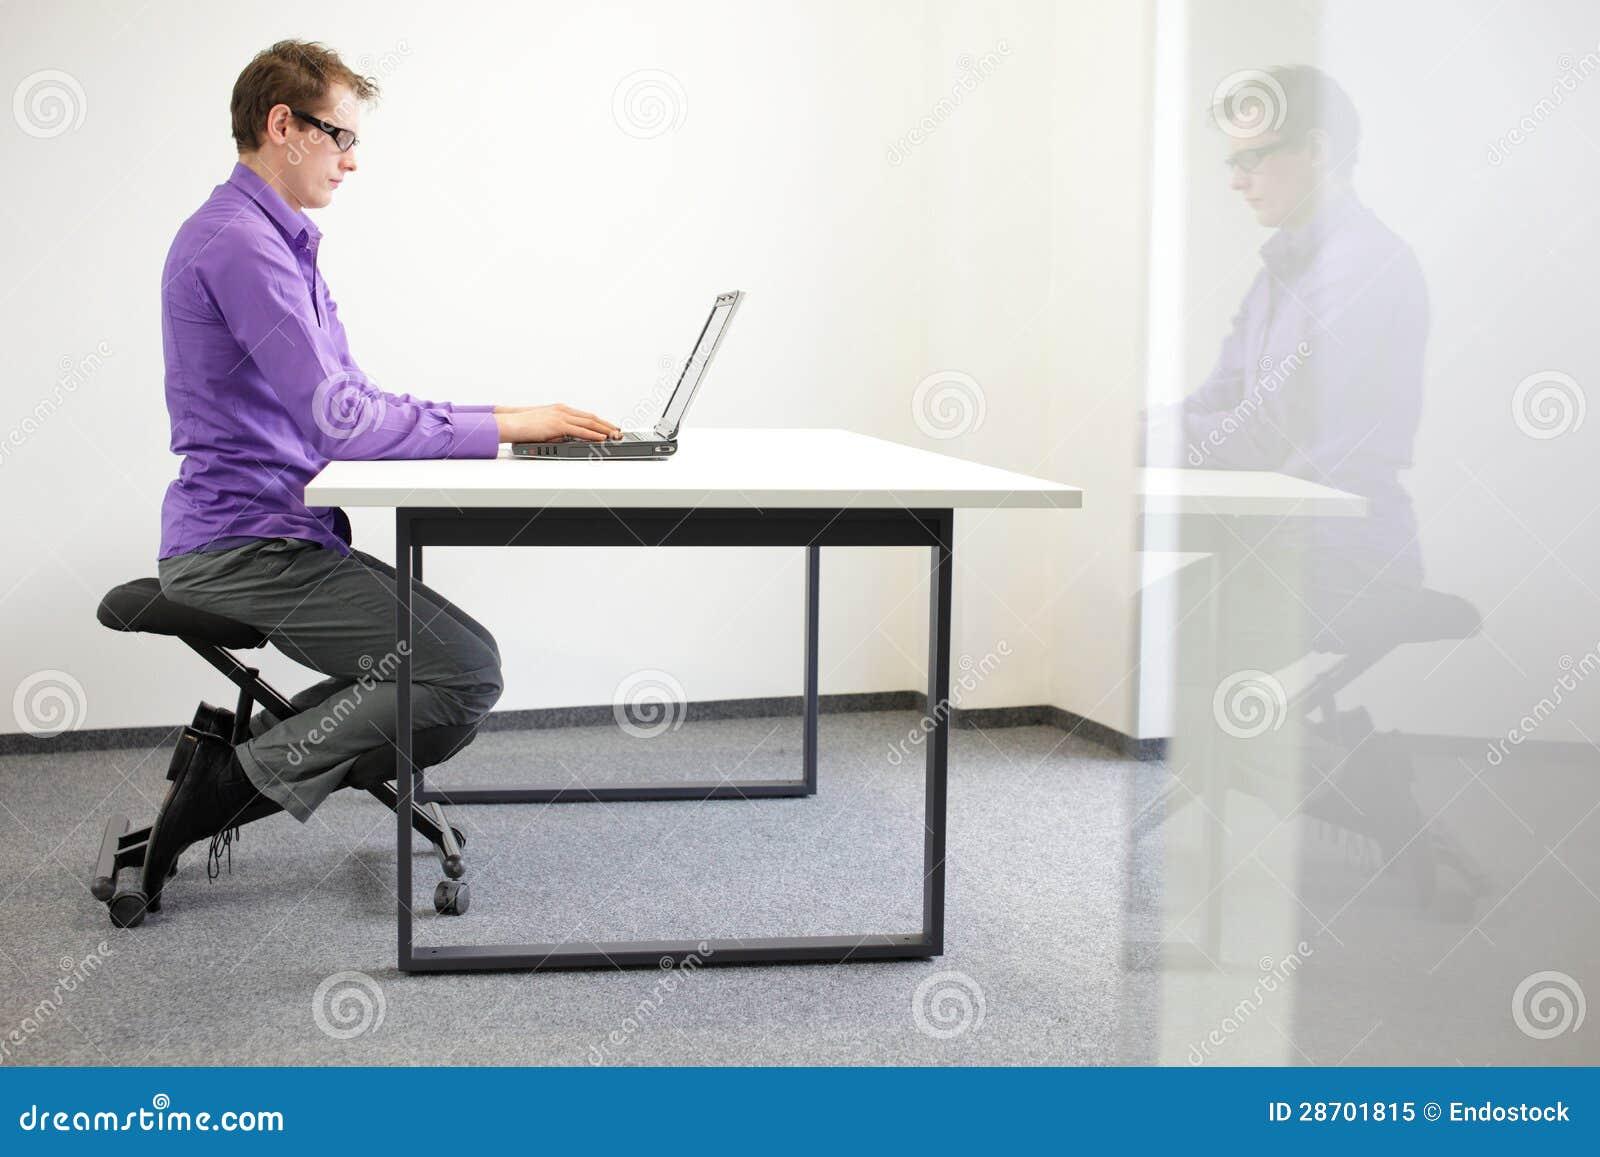 richtige sitzposition am arbeitsplatz mann auf knienstuhl stockbild bild 28701815. Black Bedroom Furniture Sets. Home Design Ideas